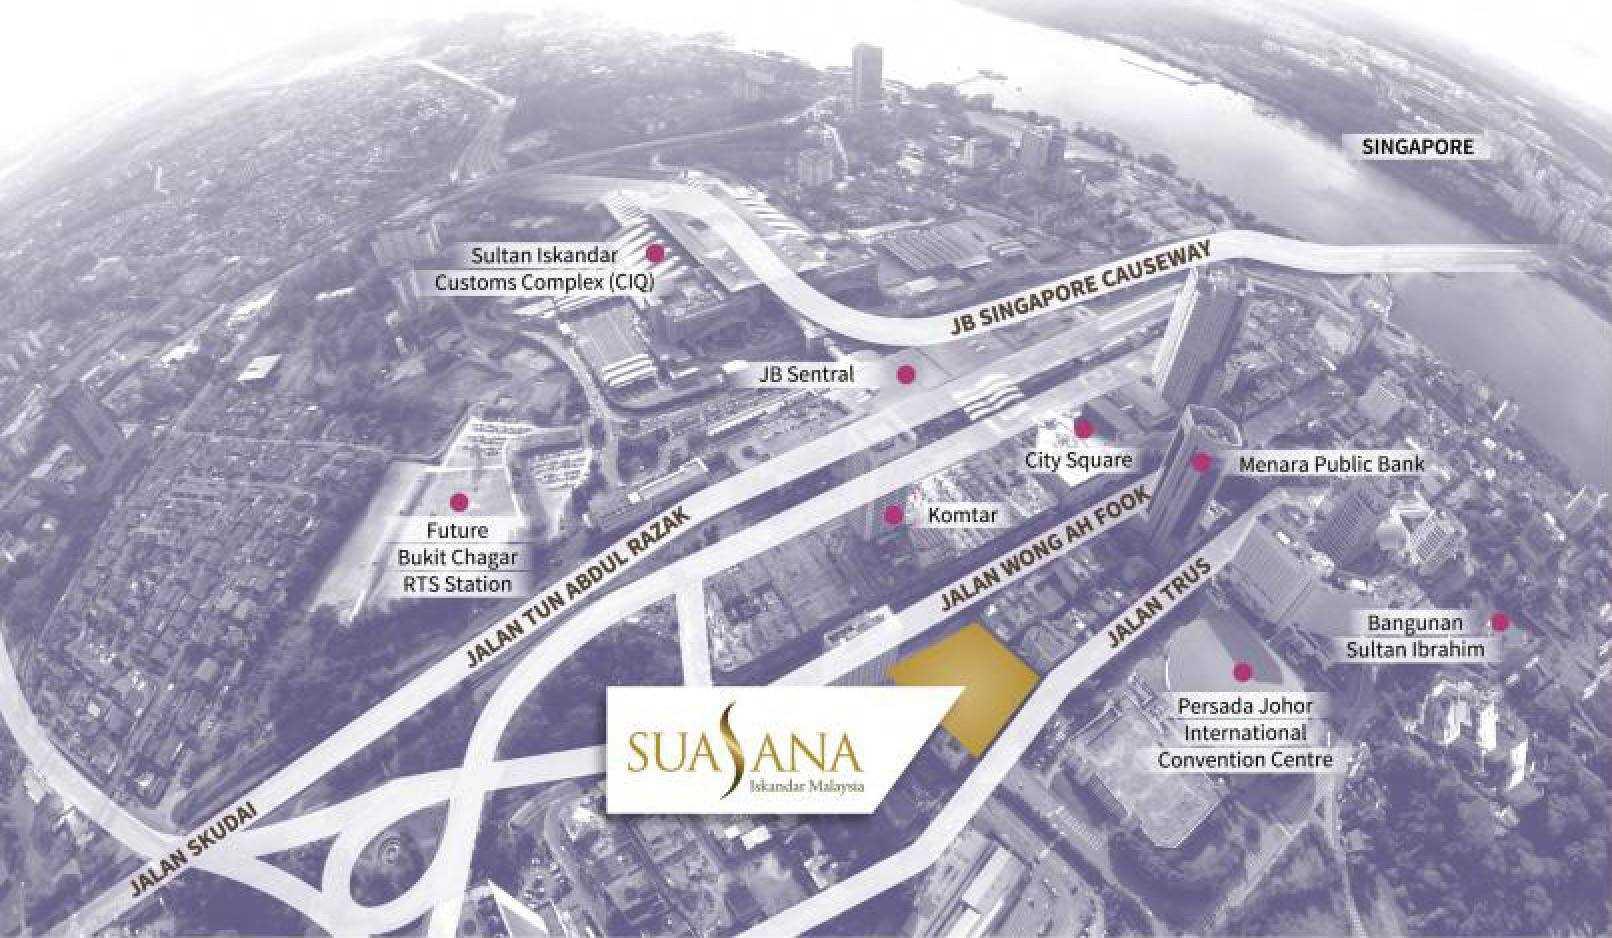 suasana-iskandar-malaysia-location-map-2